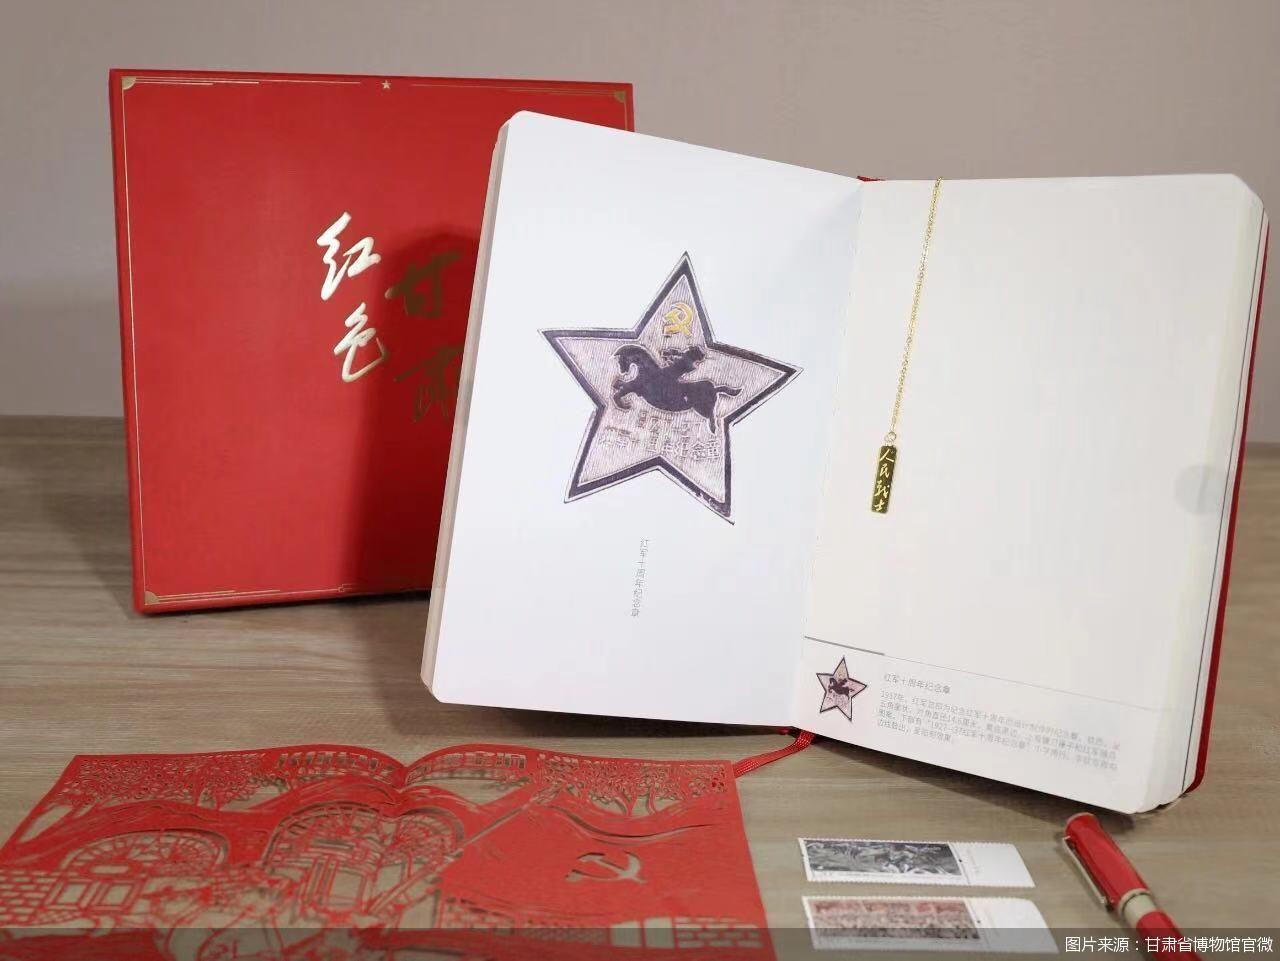 图片来源:甘肃省博物馆官微